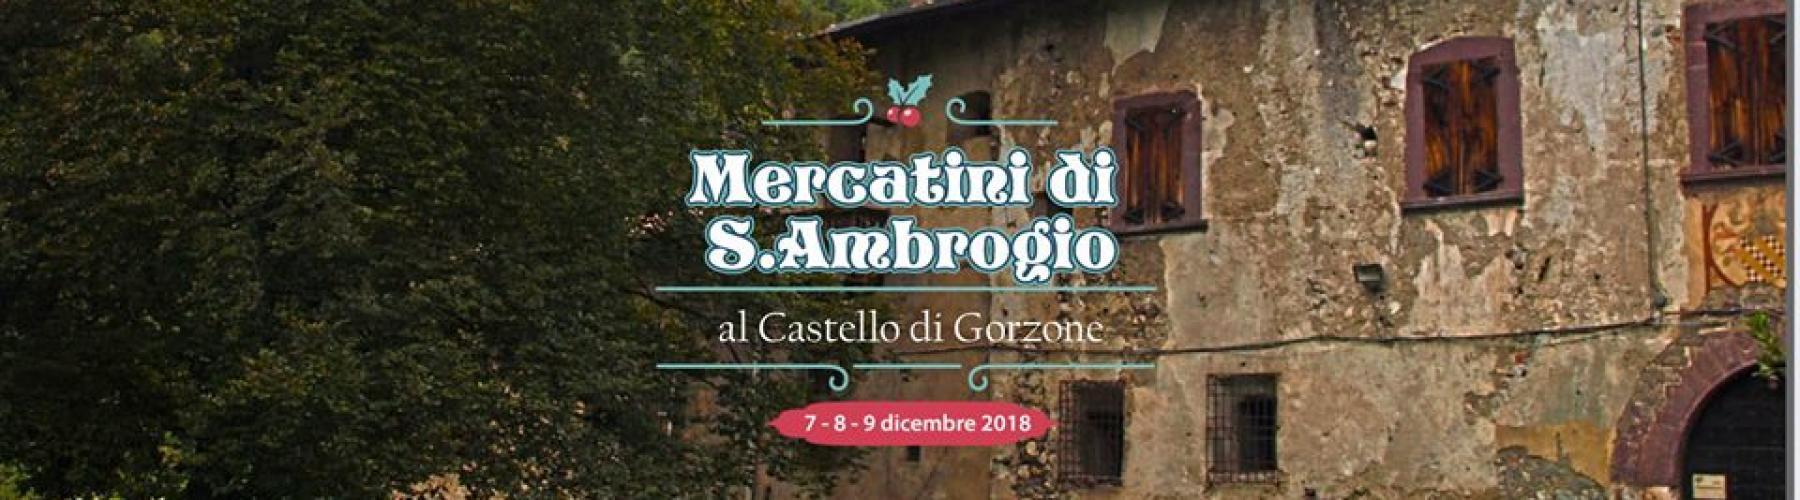 Copertina evento Mercatini di Sant'Ambrogio al Castello di Gorzone